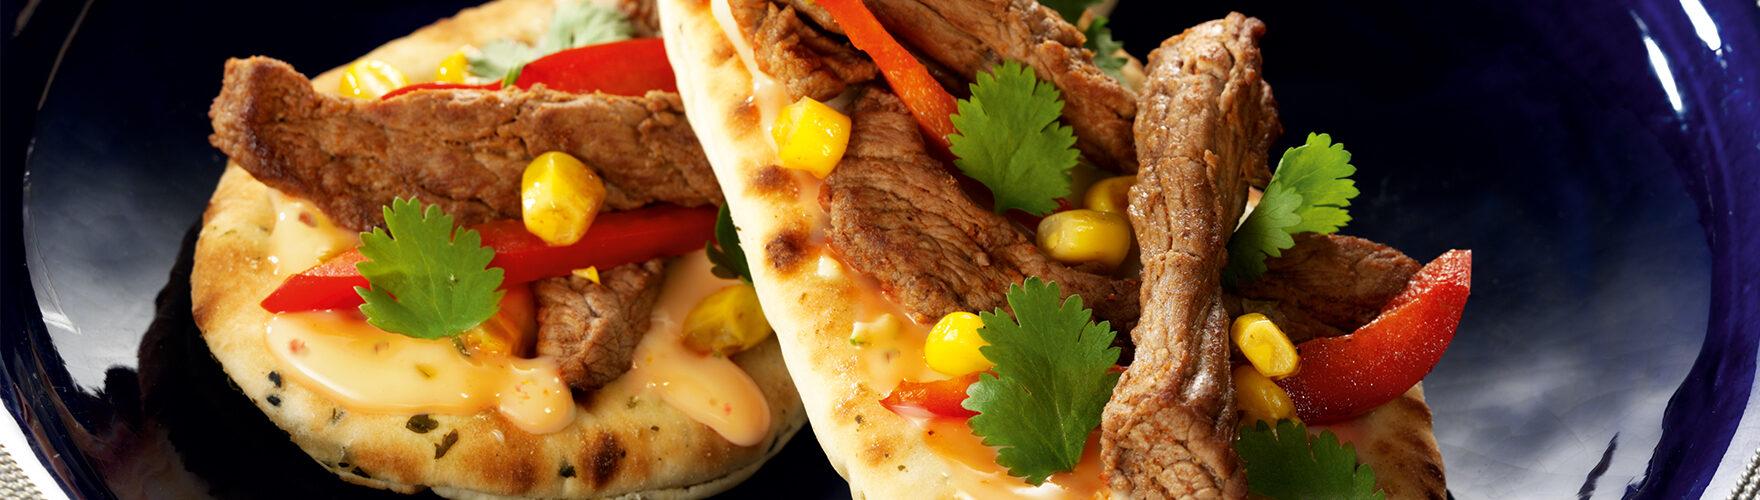 Sandwich naan aux lanières de bœuf, maïs et poivron